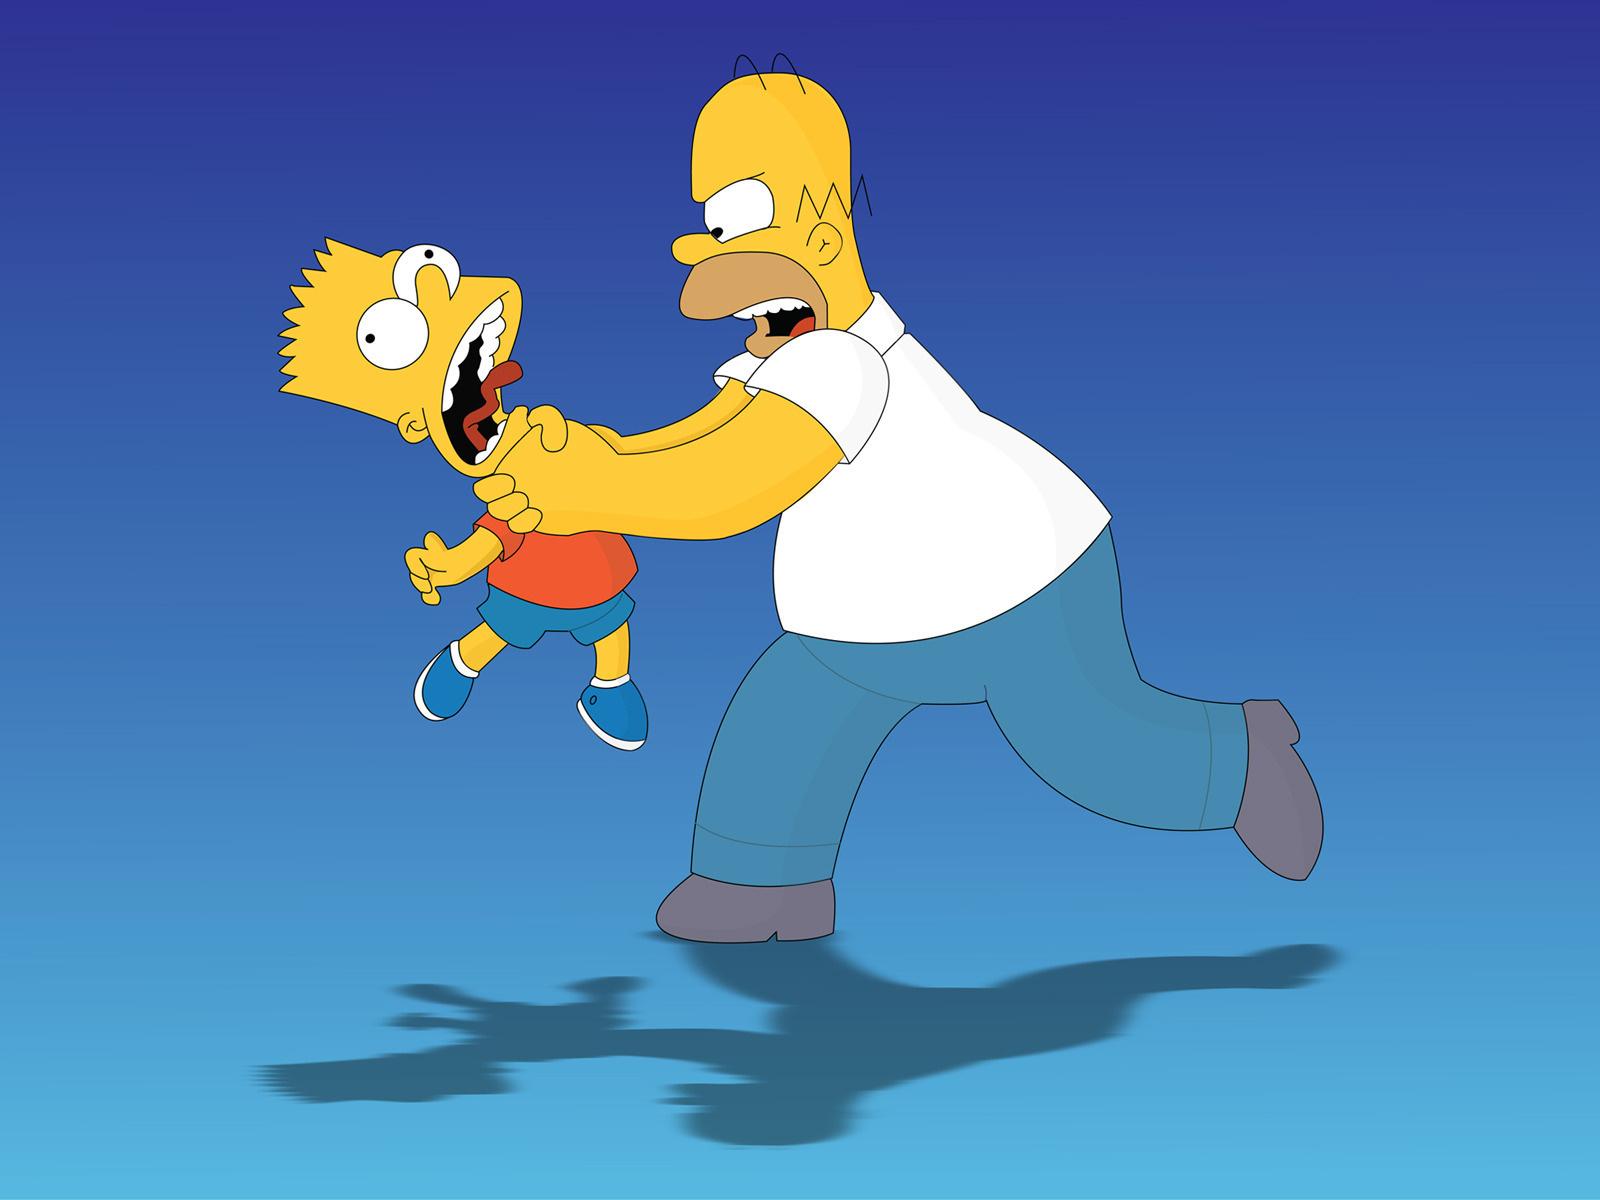 Homer Simpson, Гомер Симпсон душит Барта, Simpsons, wallpapers, обои для рабочего стола, Симпсоны, скачать фото